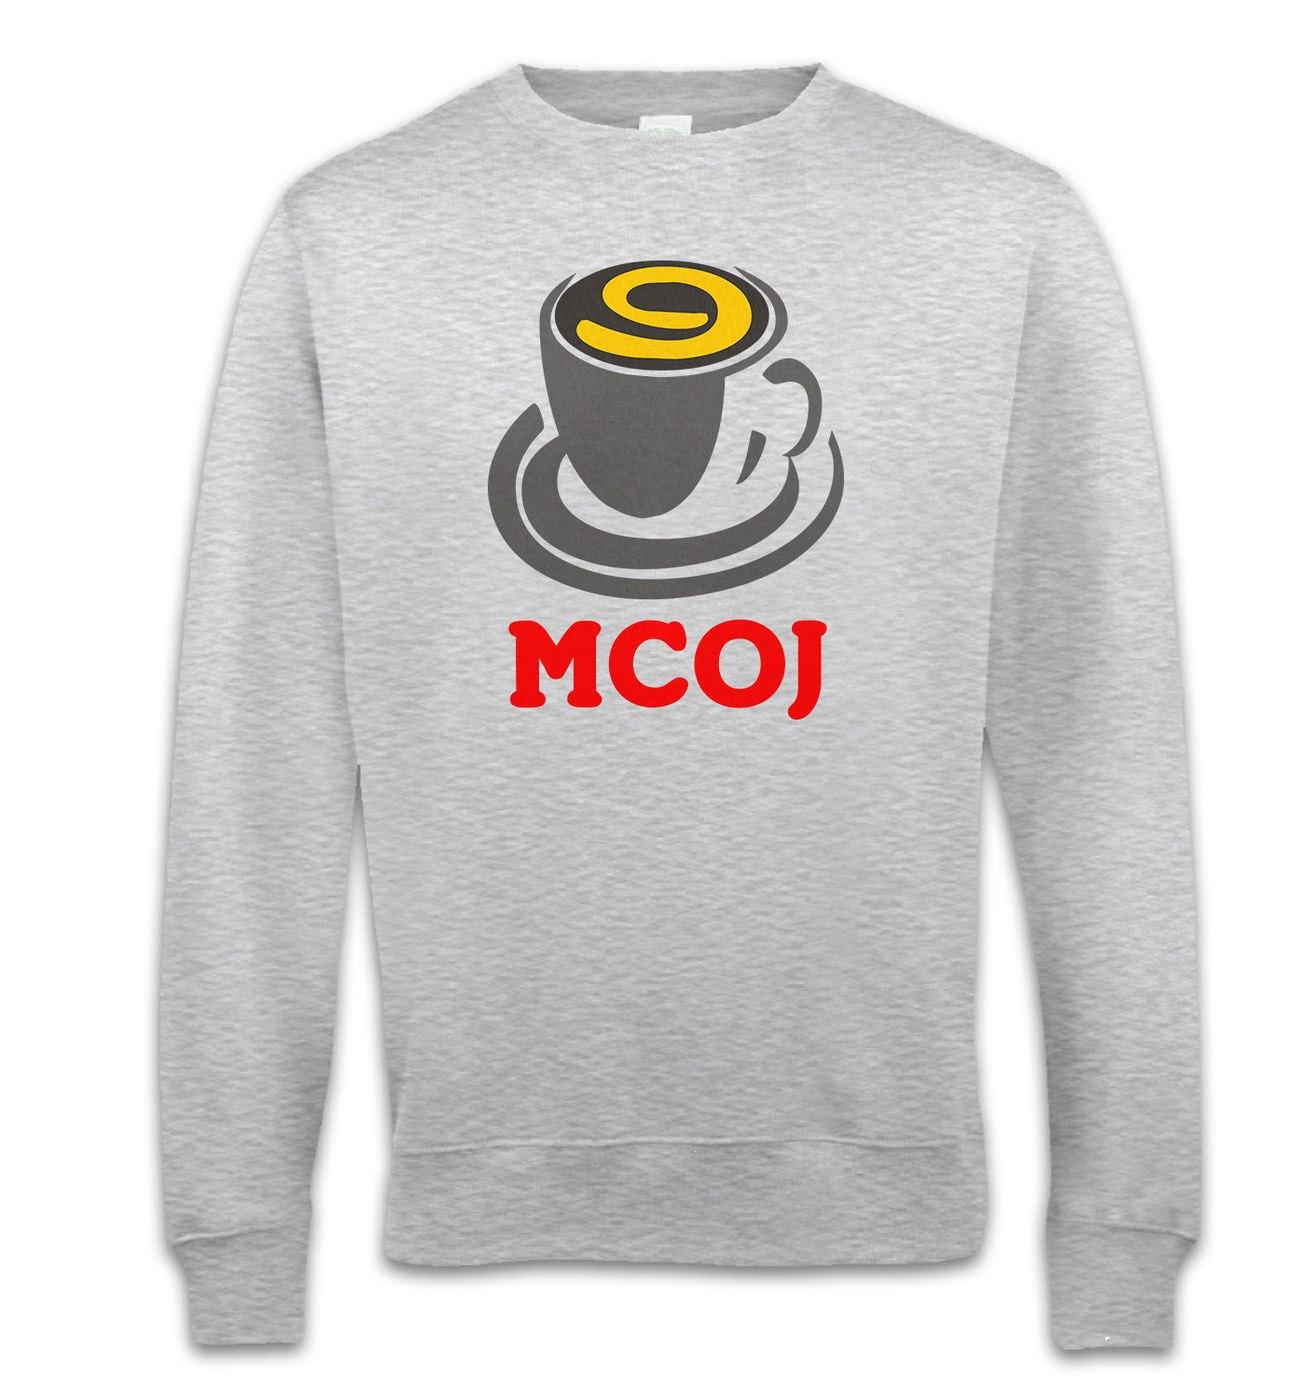 MobileCupOfJoe sweatshirt - MCOJ logo